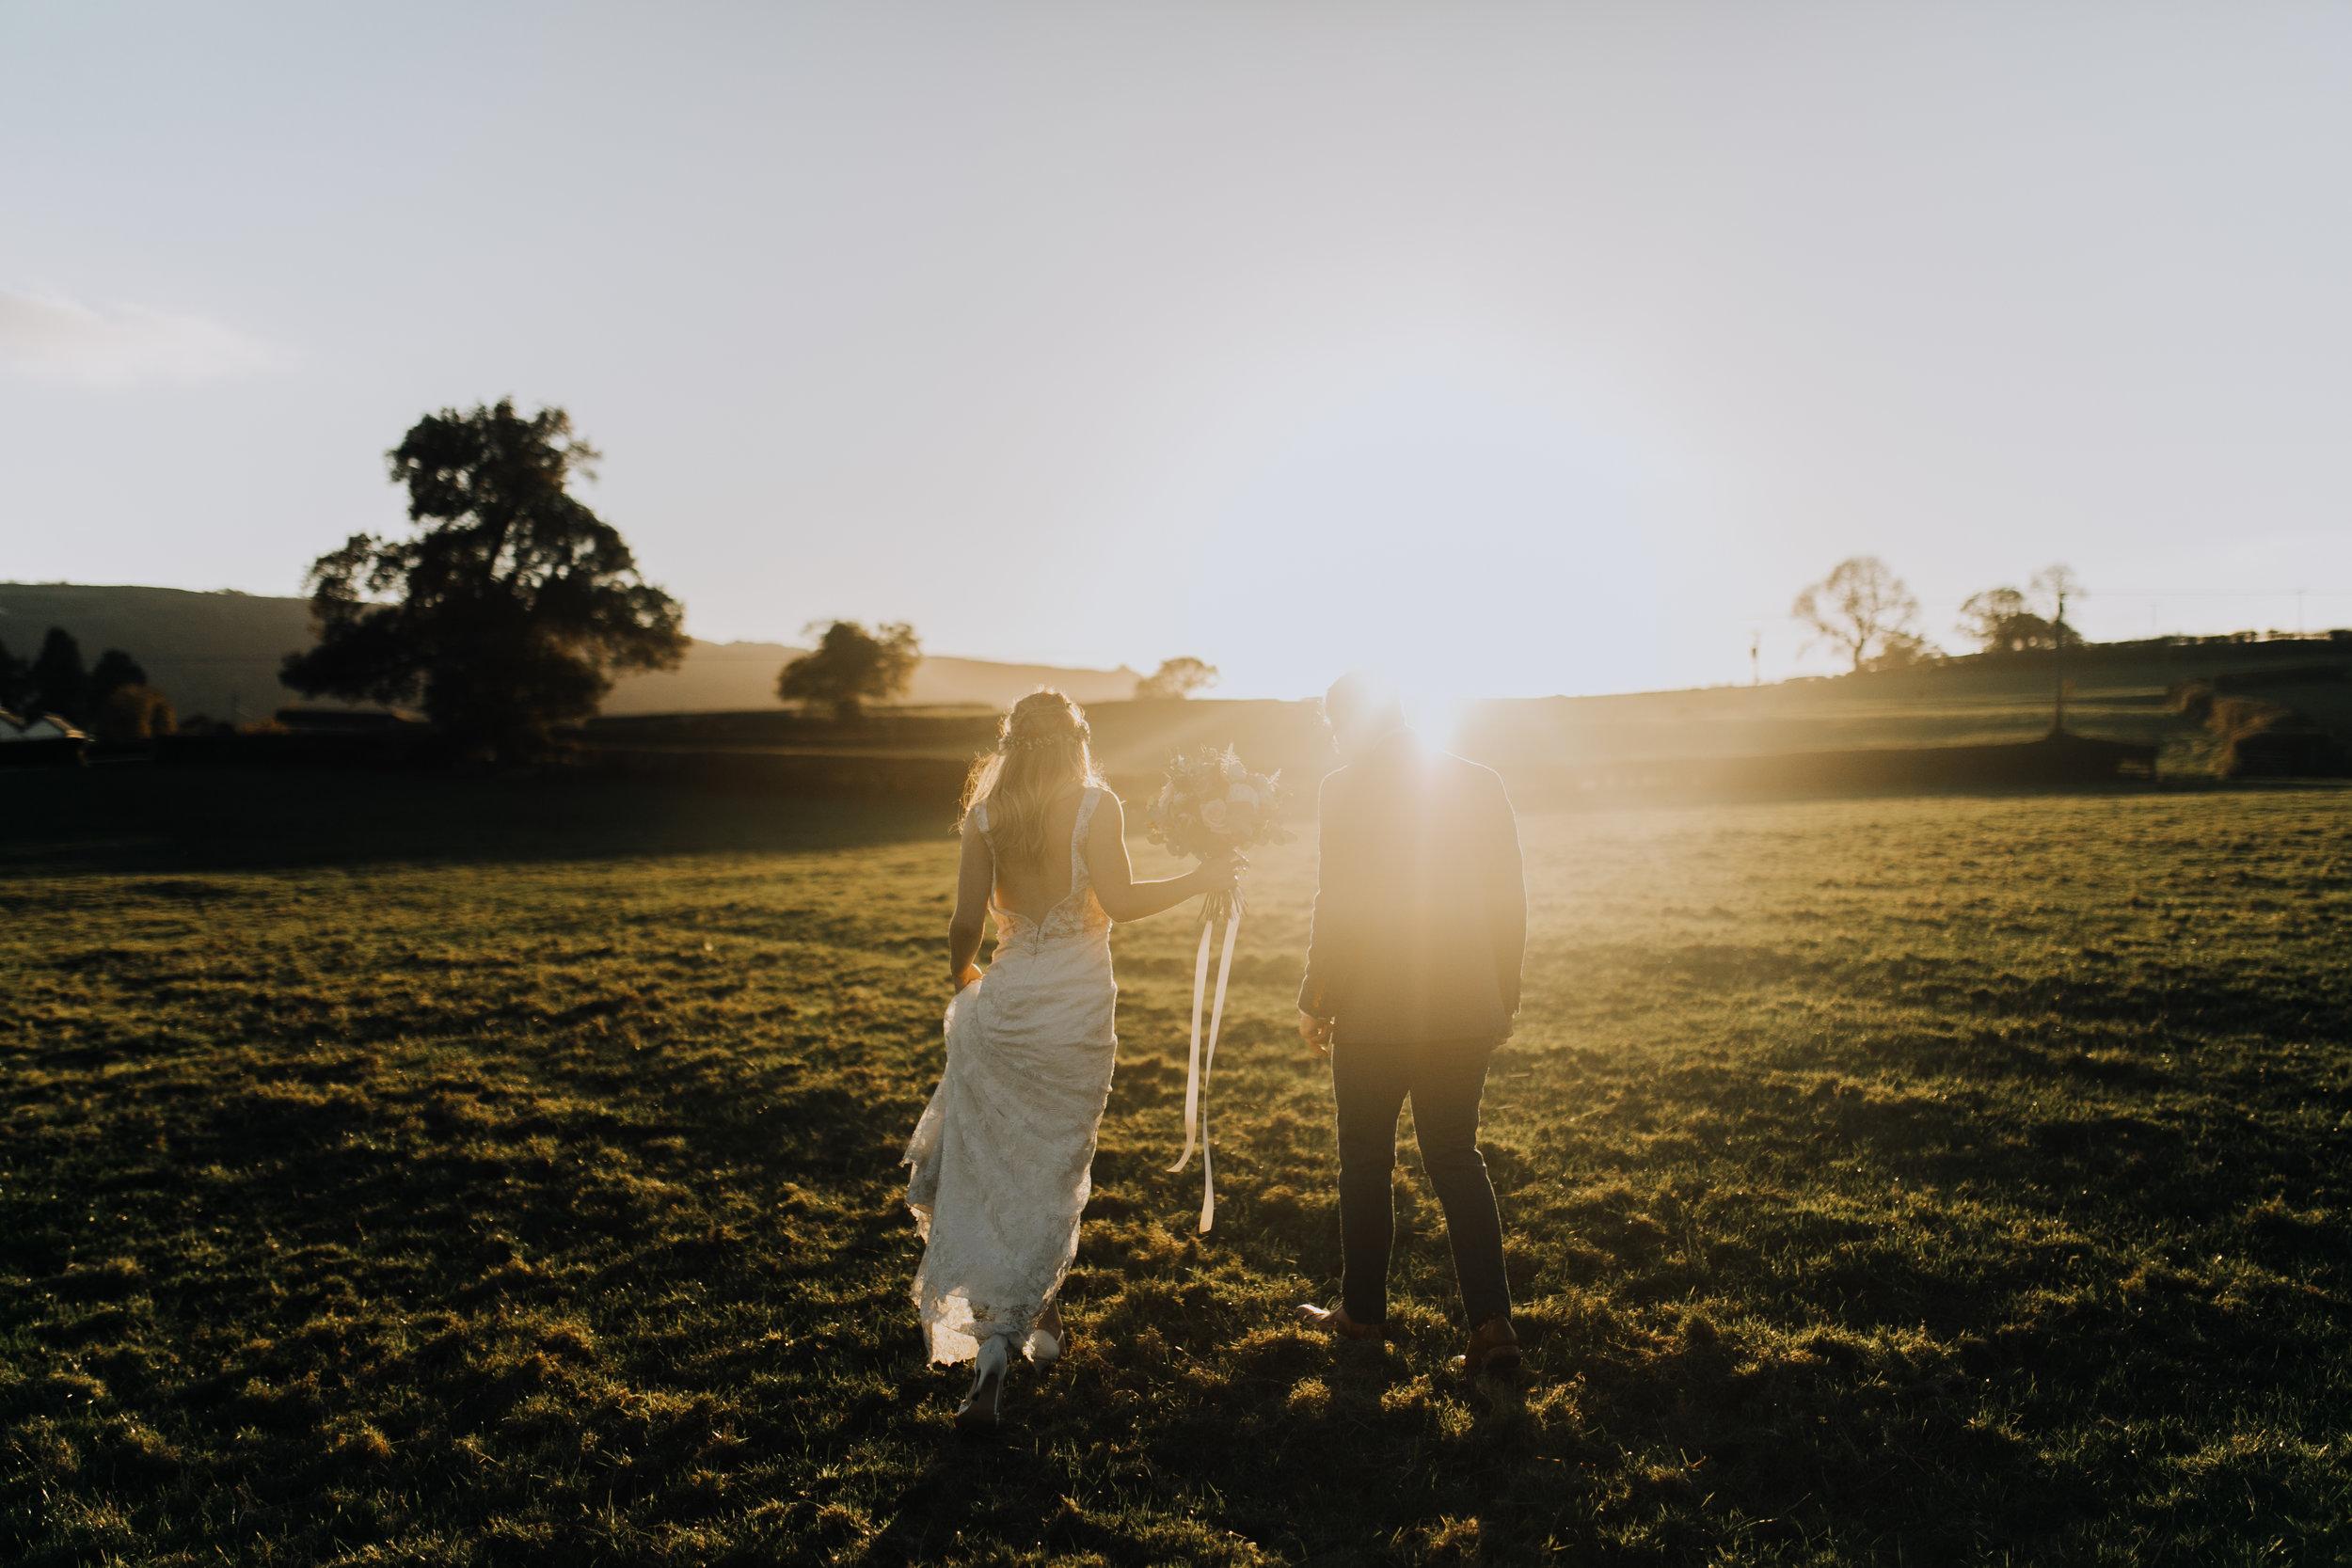 A sunset barn wedding at Tower Hill Barns - Llangollen